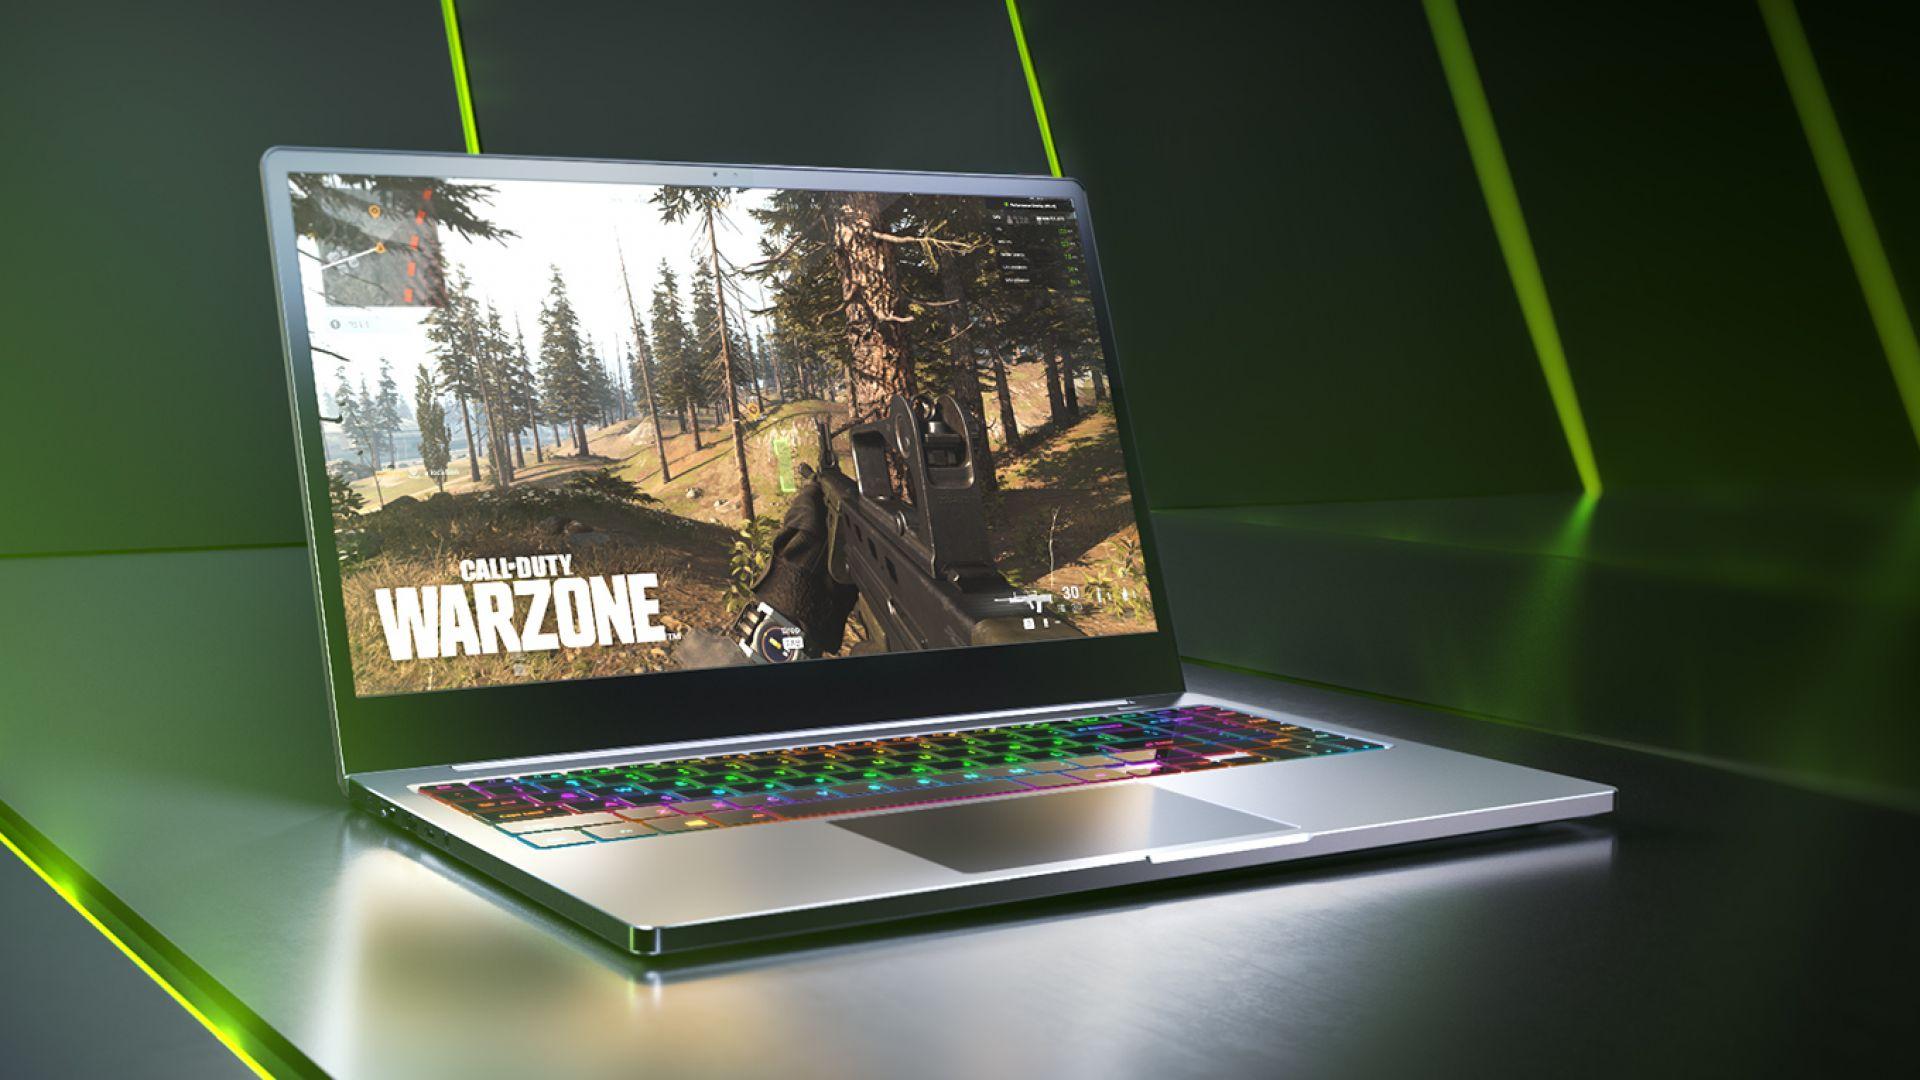 Мобилната видеокарта GeForce RTX 3050 е по-слаба от GeForce RTX 2060